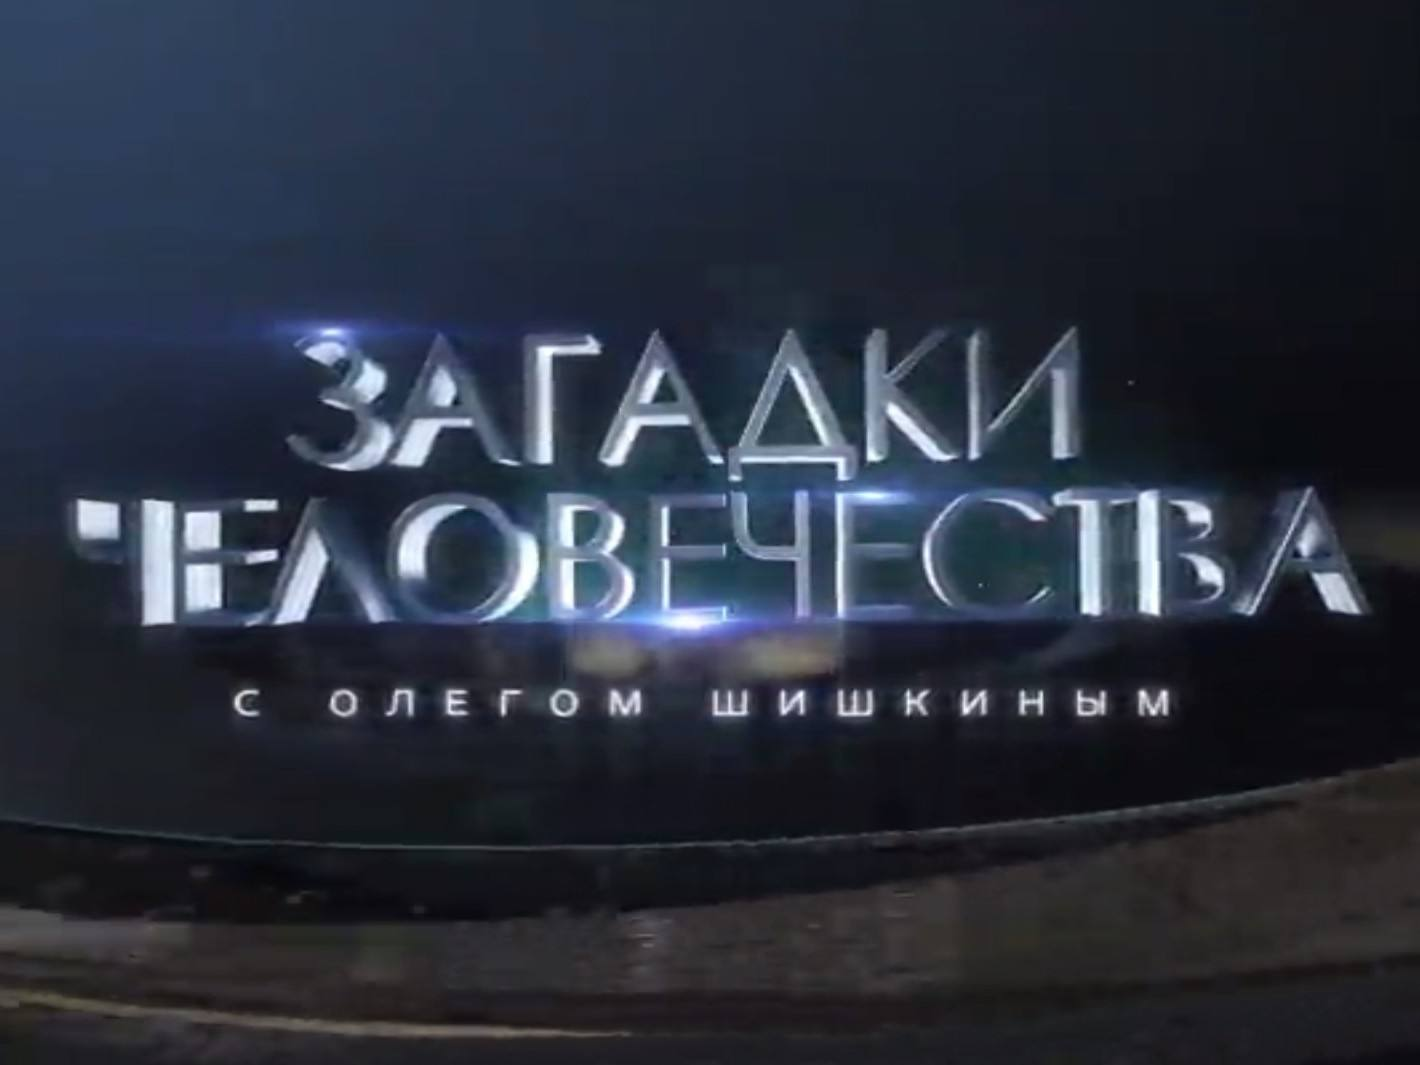 программа РЕН ТВ: Загадки человечества с Олегом Шишкиным 373 серия